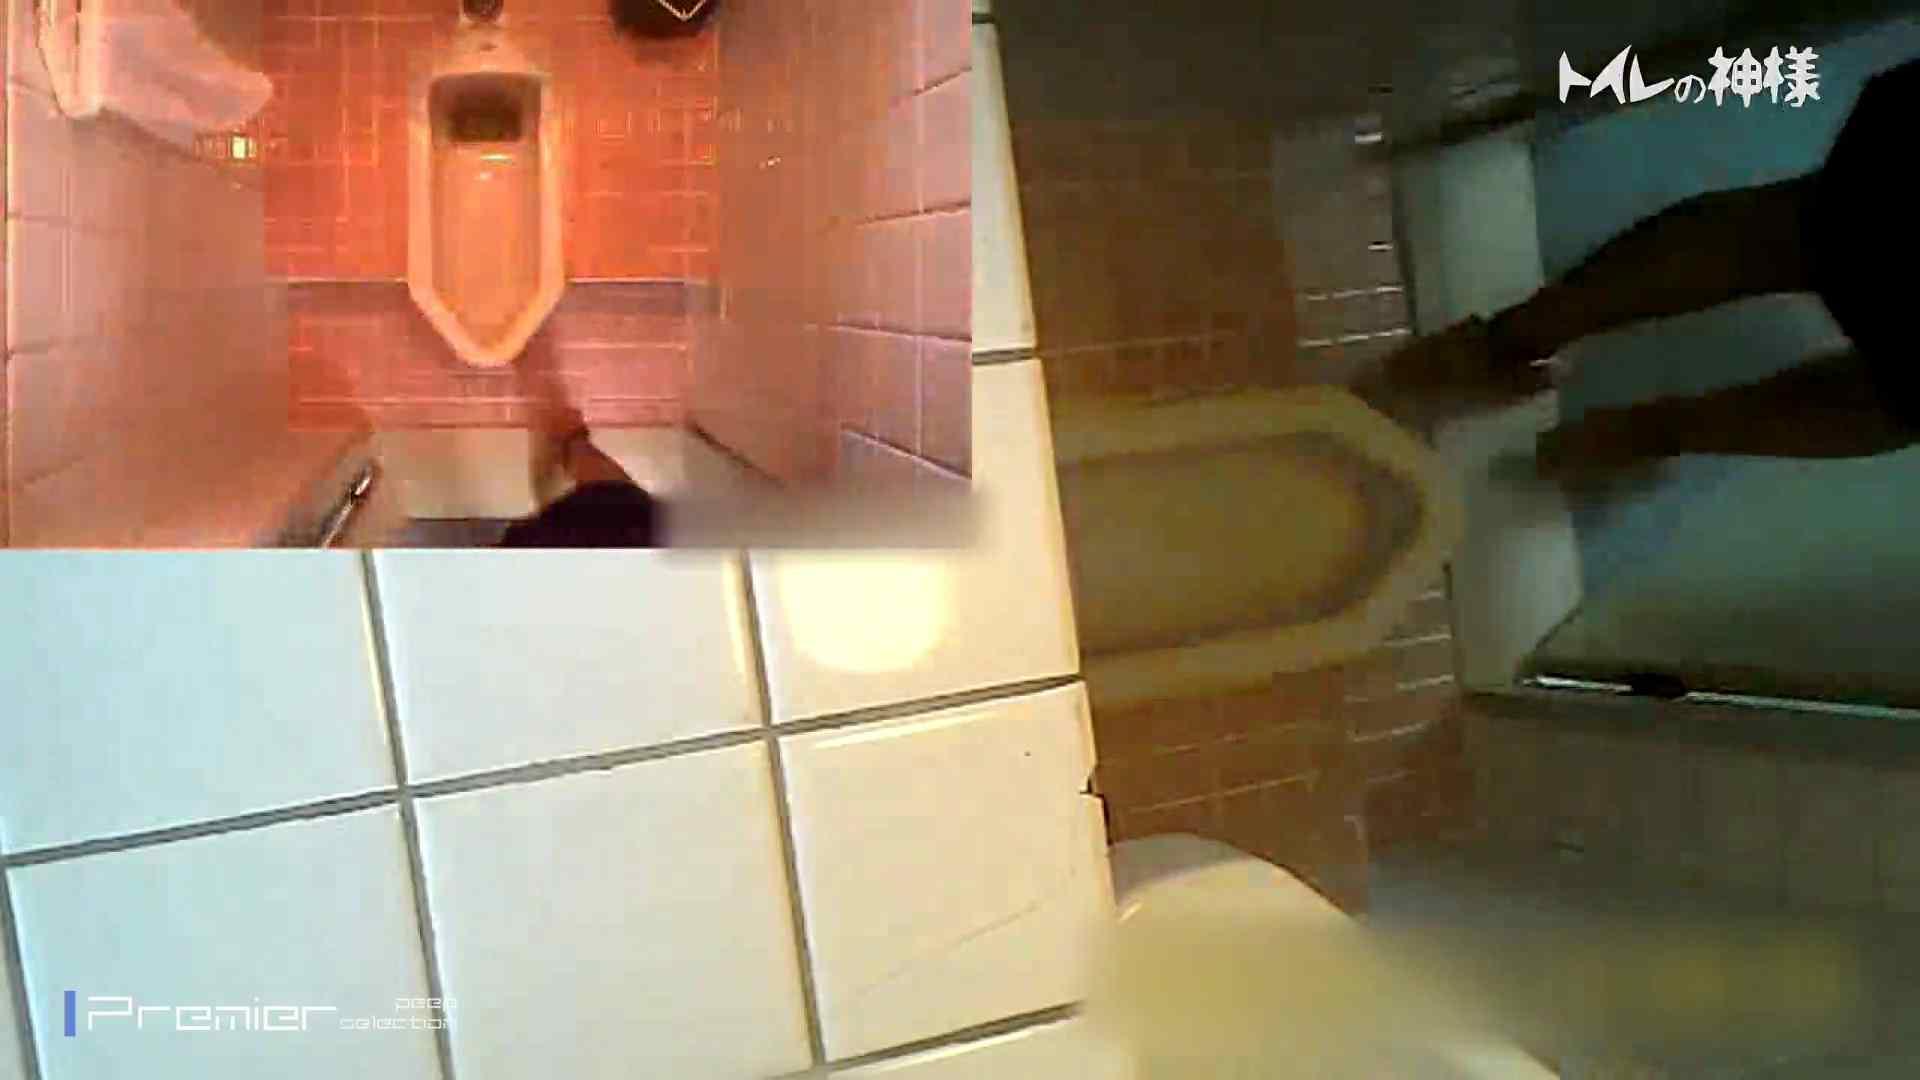 kyouko排泄 うんこをたくさん集めました。トイレの神様 Vol.14 ギャル達 AV無料動画キャプチャ 92枚 2